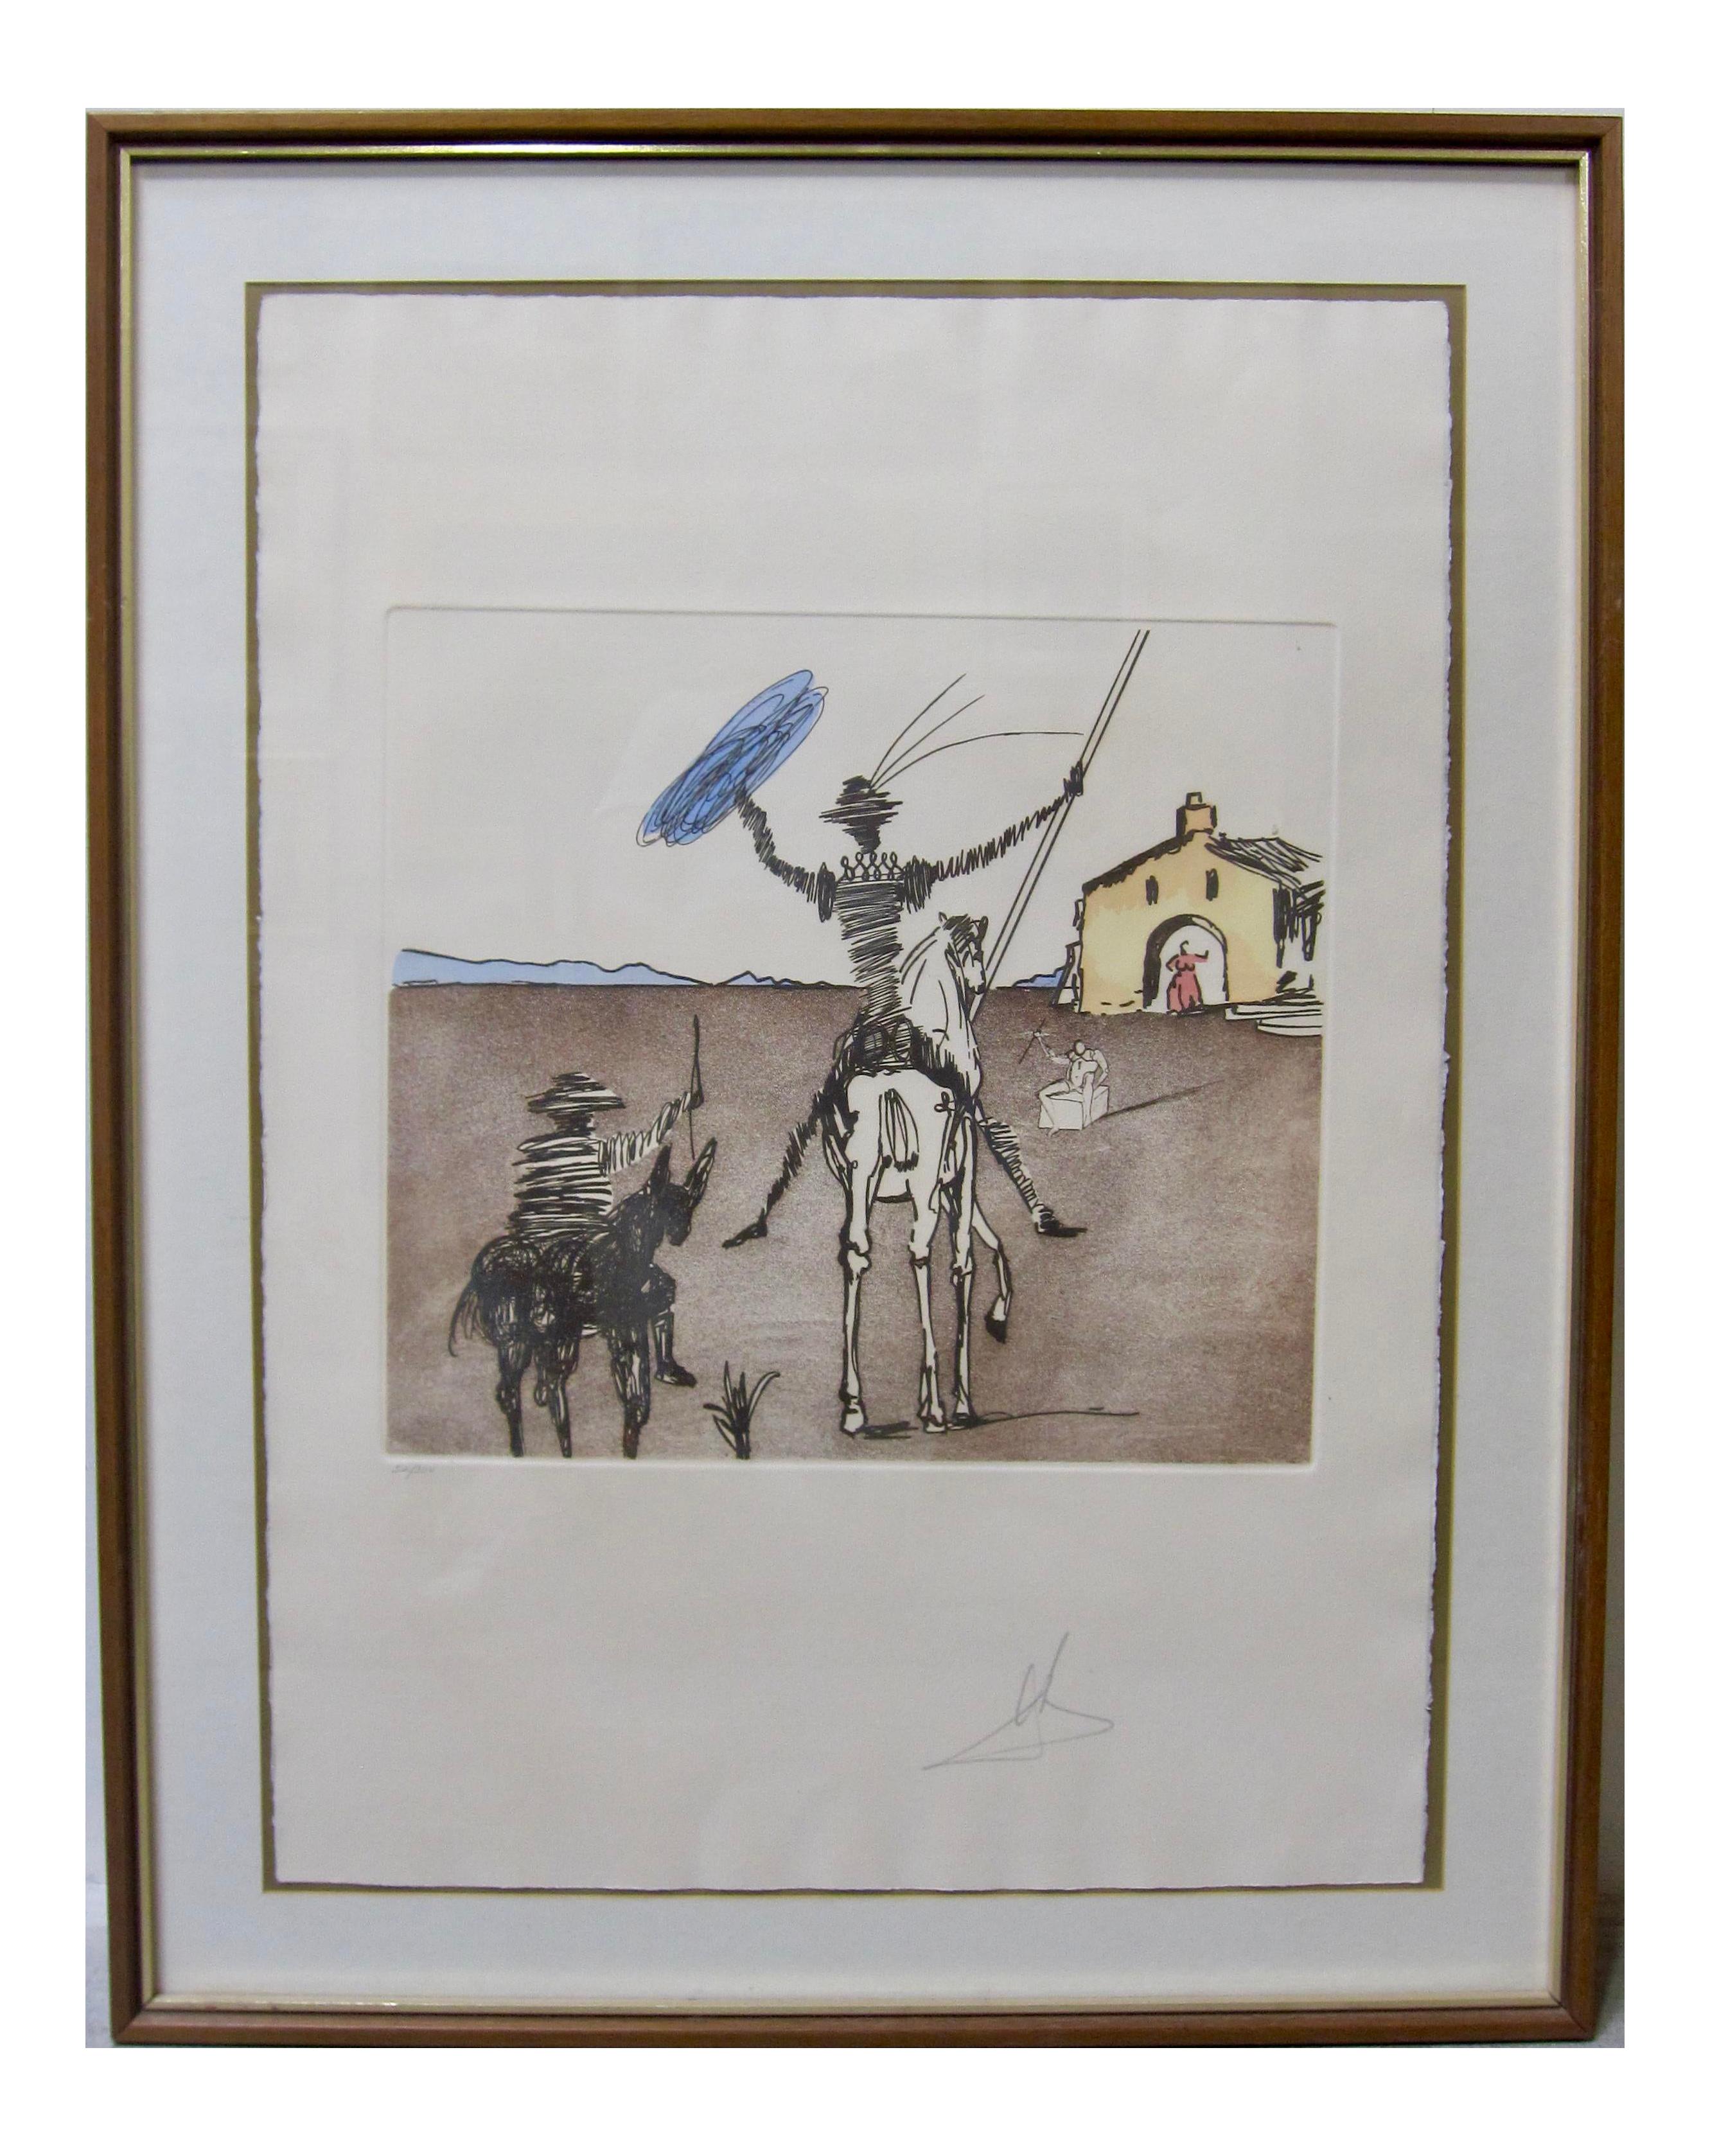 Salvador Dali Don Quixote Signed Original Etching Aquatint The Impossible Dream Chairish